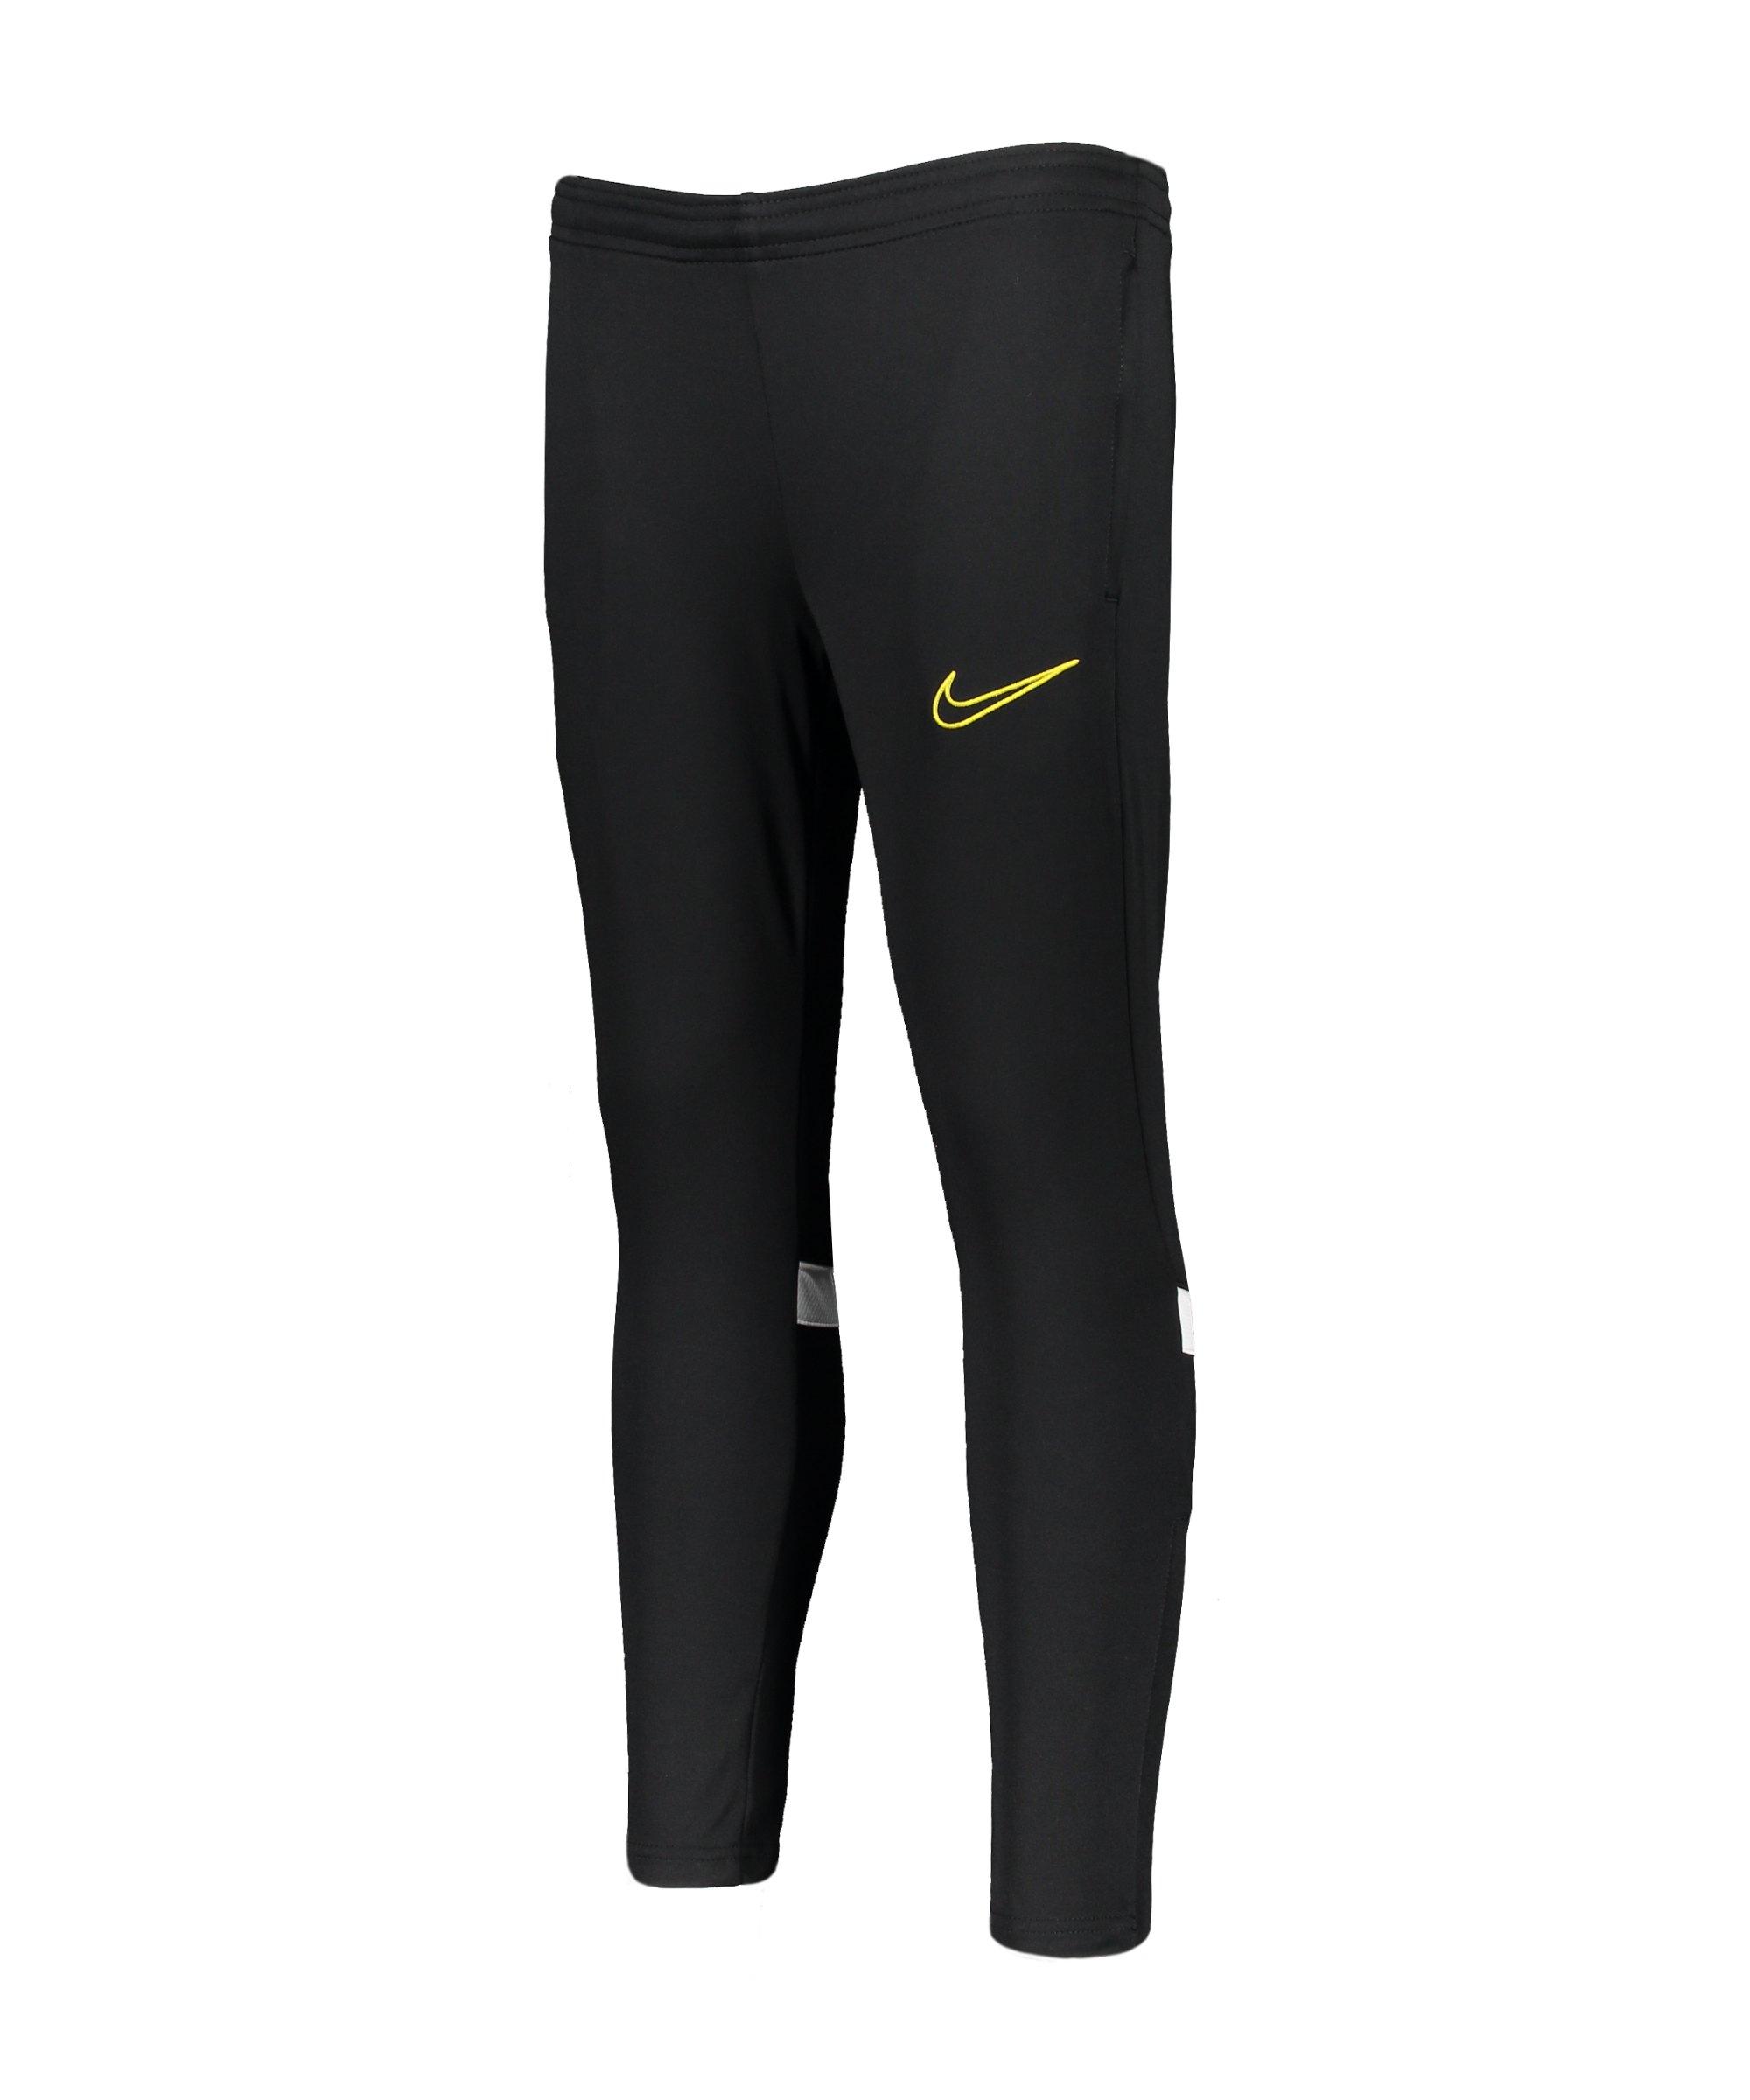 Nike Academy 21 Trainingshose Kids F015 - schwarz